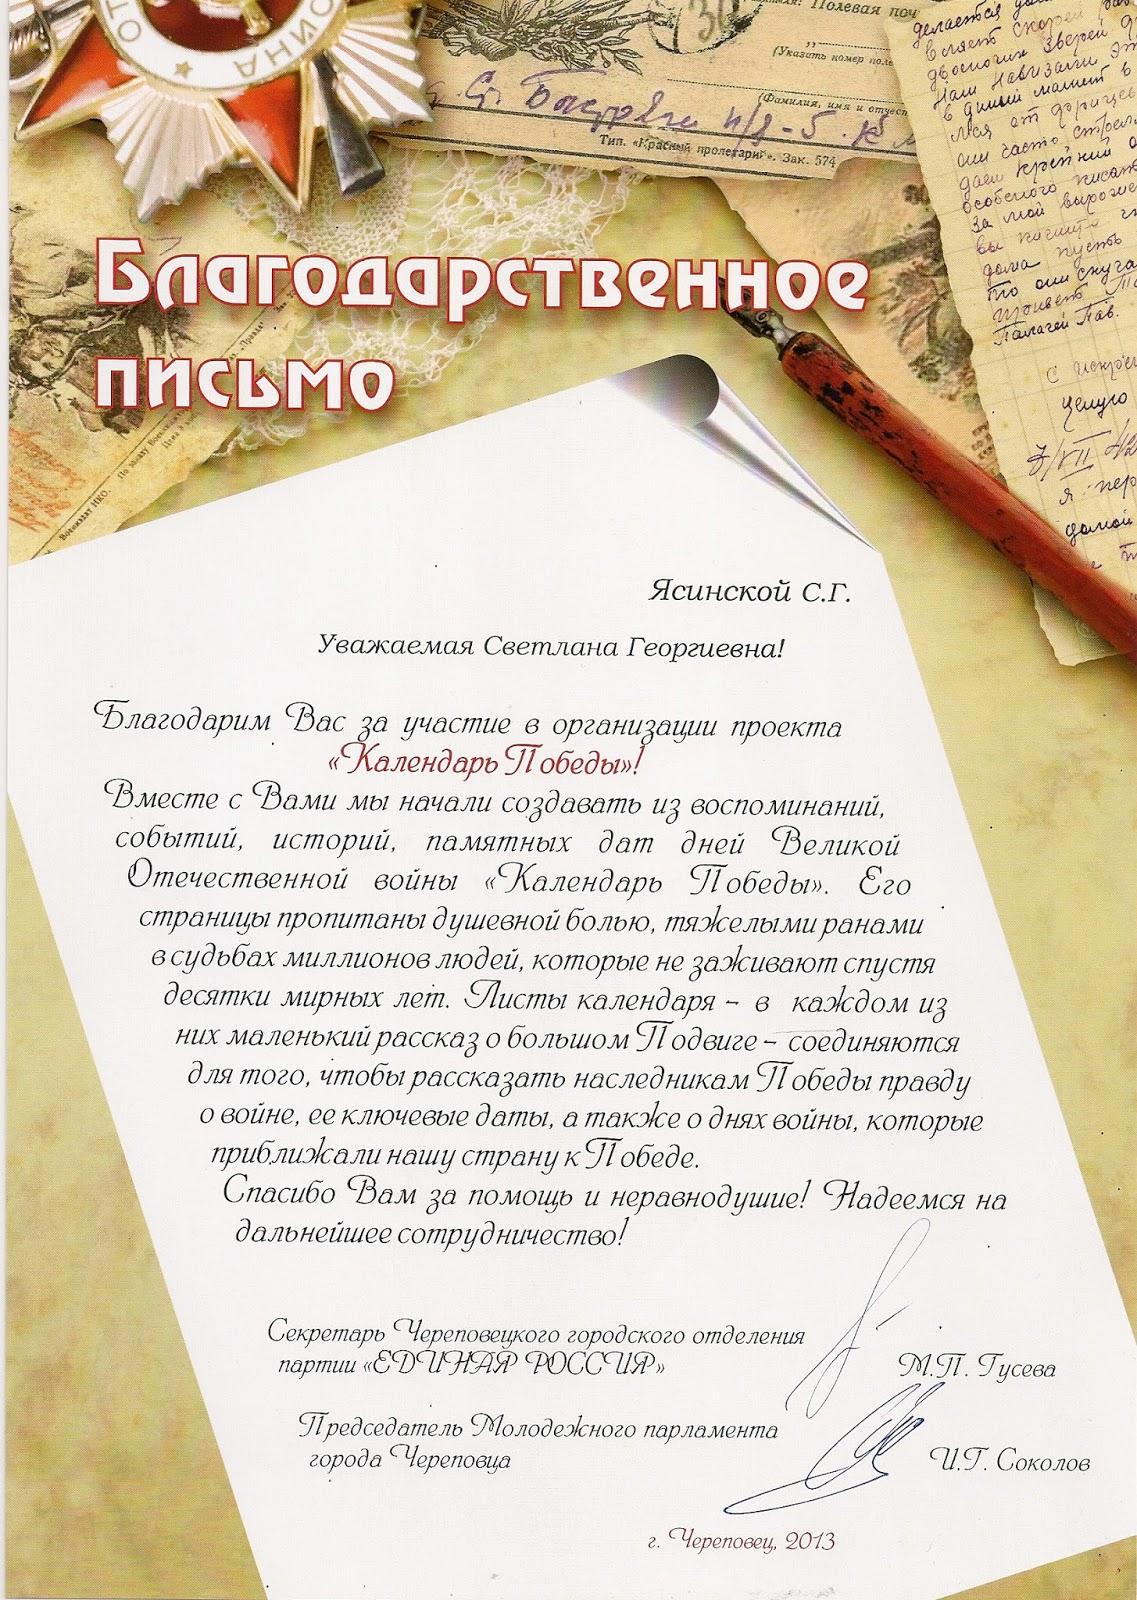 pravo-audiolektsii-shpori-diktant-po-russkomu-yaziku-4-klass-1-chetvert-shkola-2100